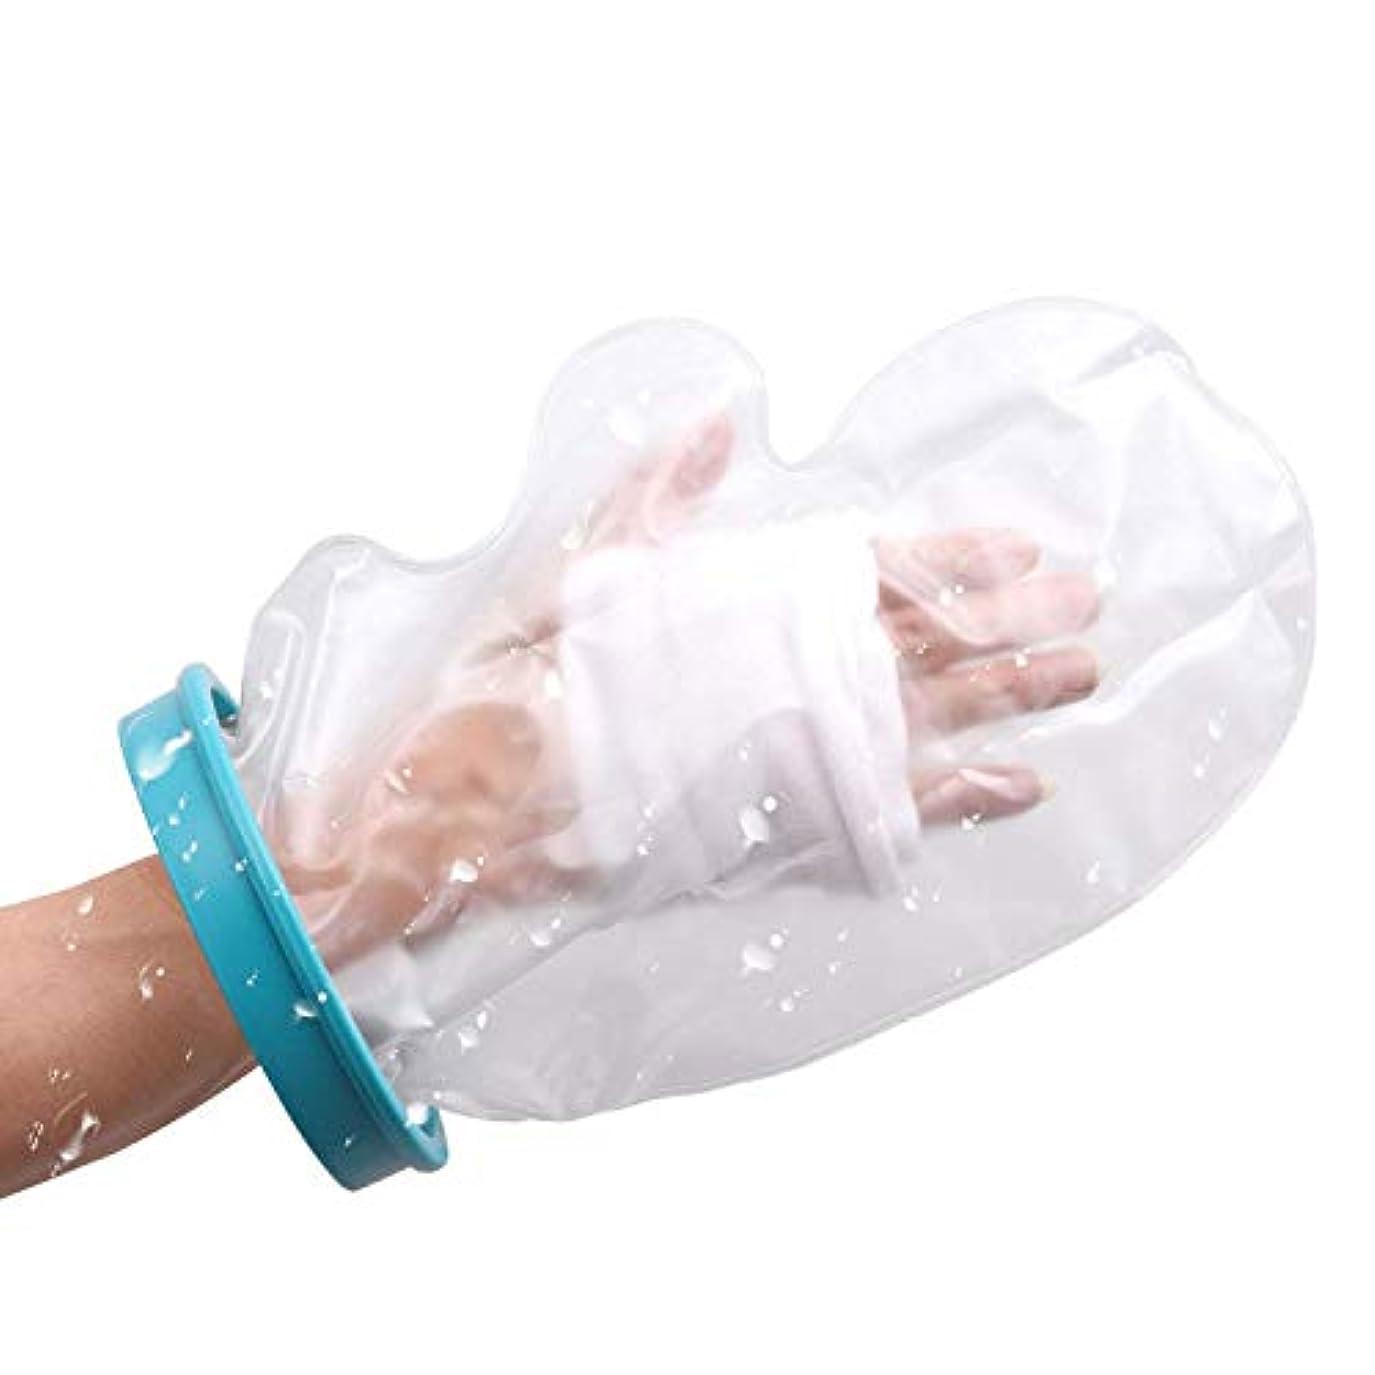 シャワー用ハンドキャストカバープロテクター、耐久性のある再利用可能なキャストスリーブバッグカバー大人手傷火傷手手首指